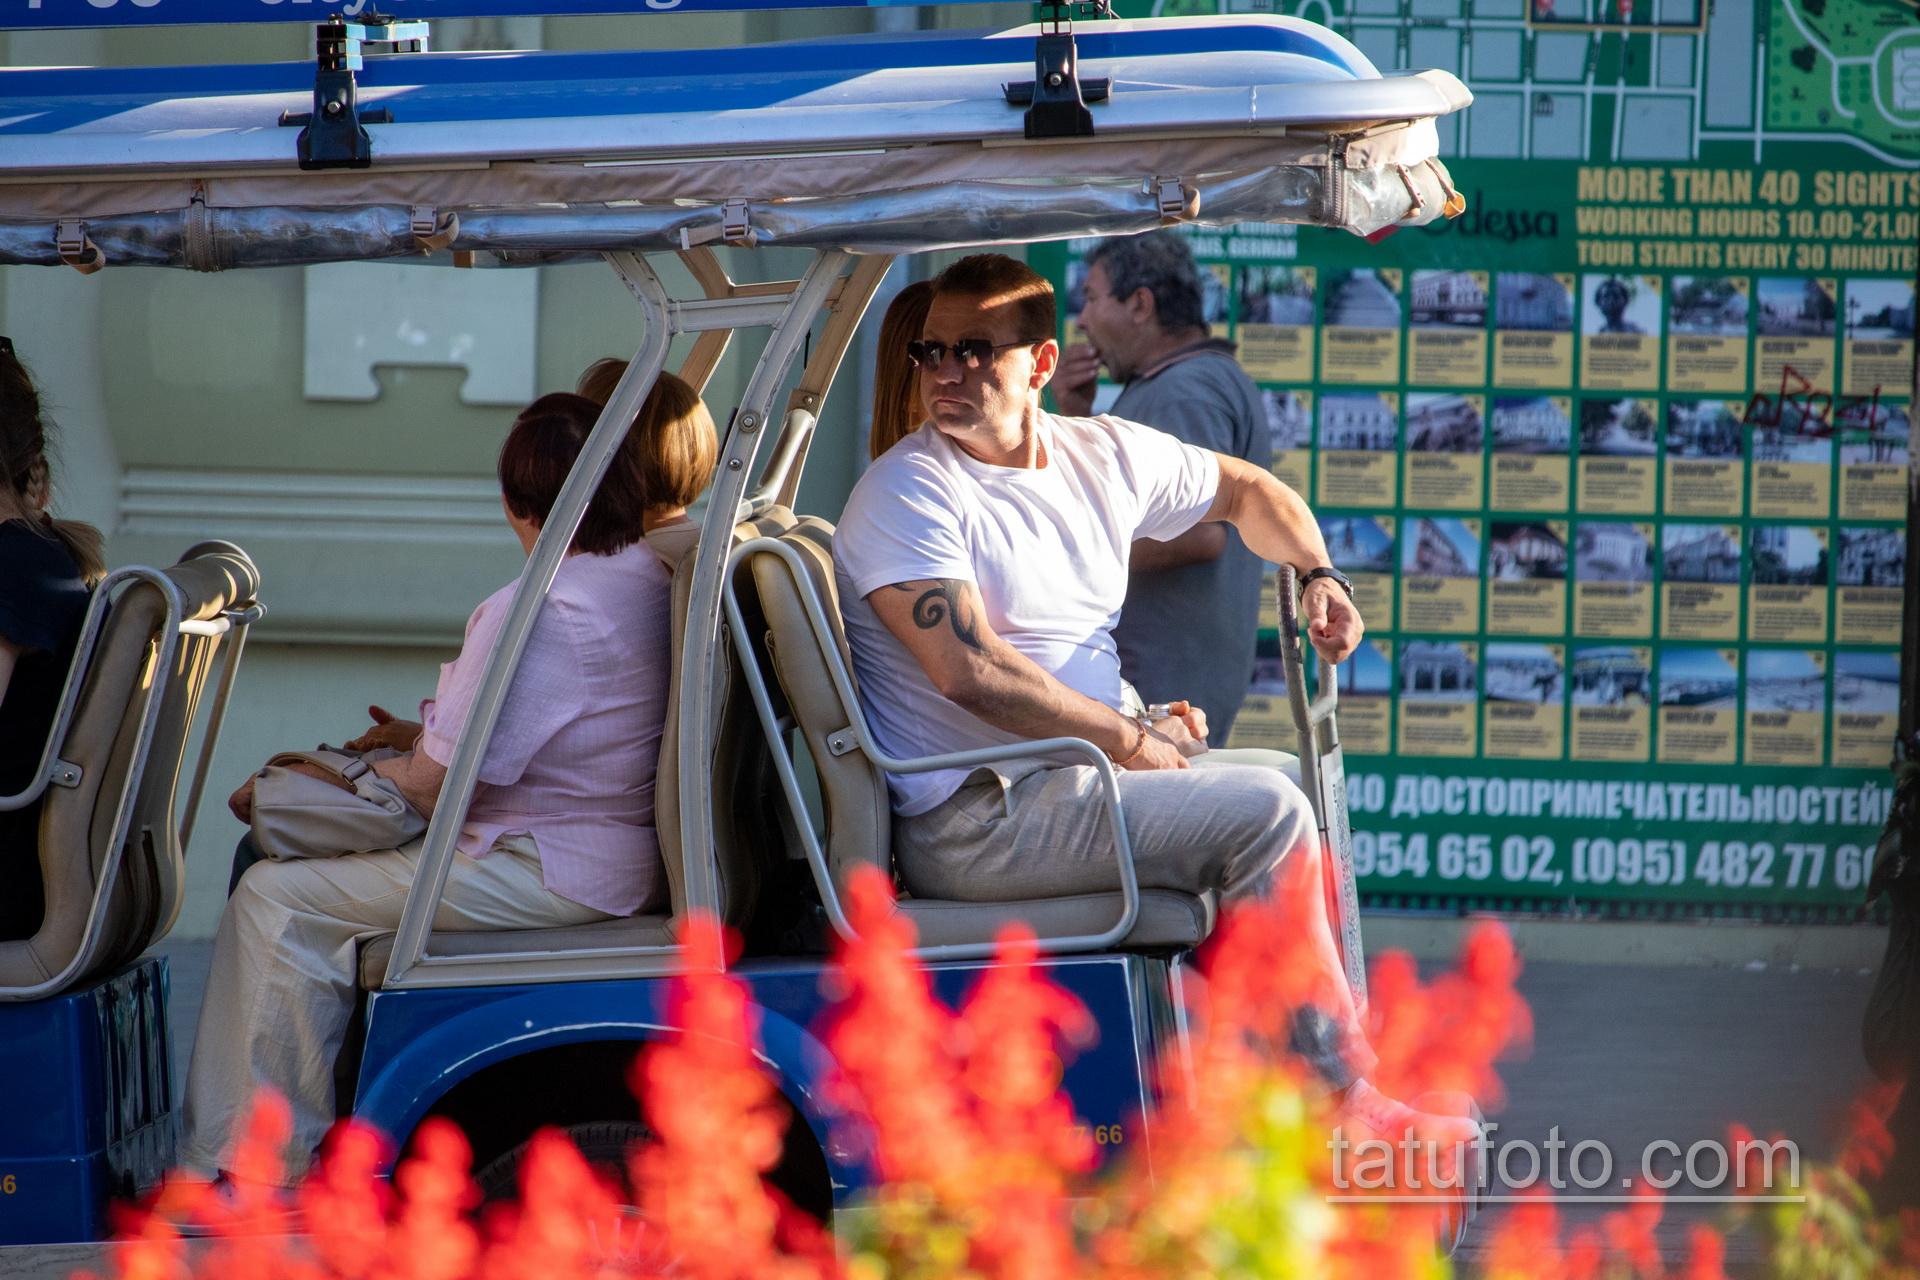 Трайбл узоры в тату на левой руке мужчины – Уличная татуировка 14.09.2020 – tatufoto.com 10